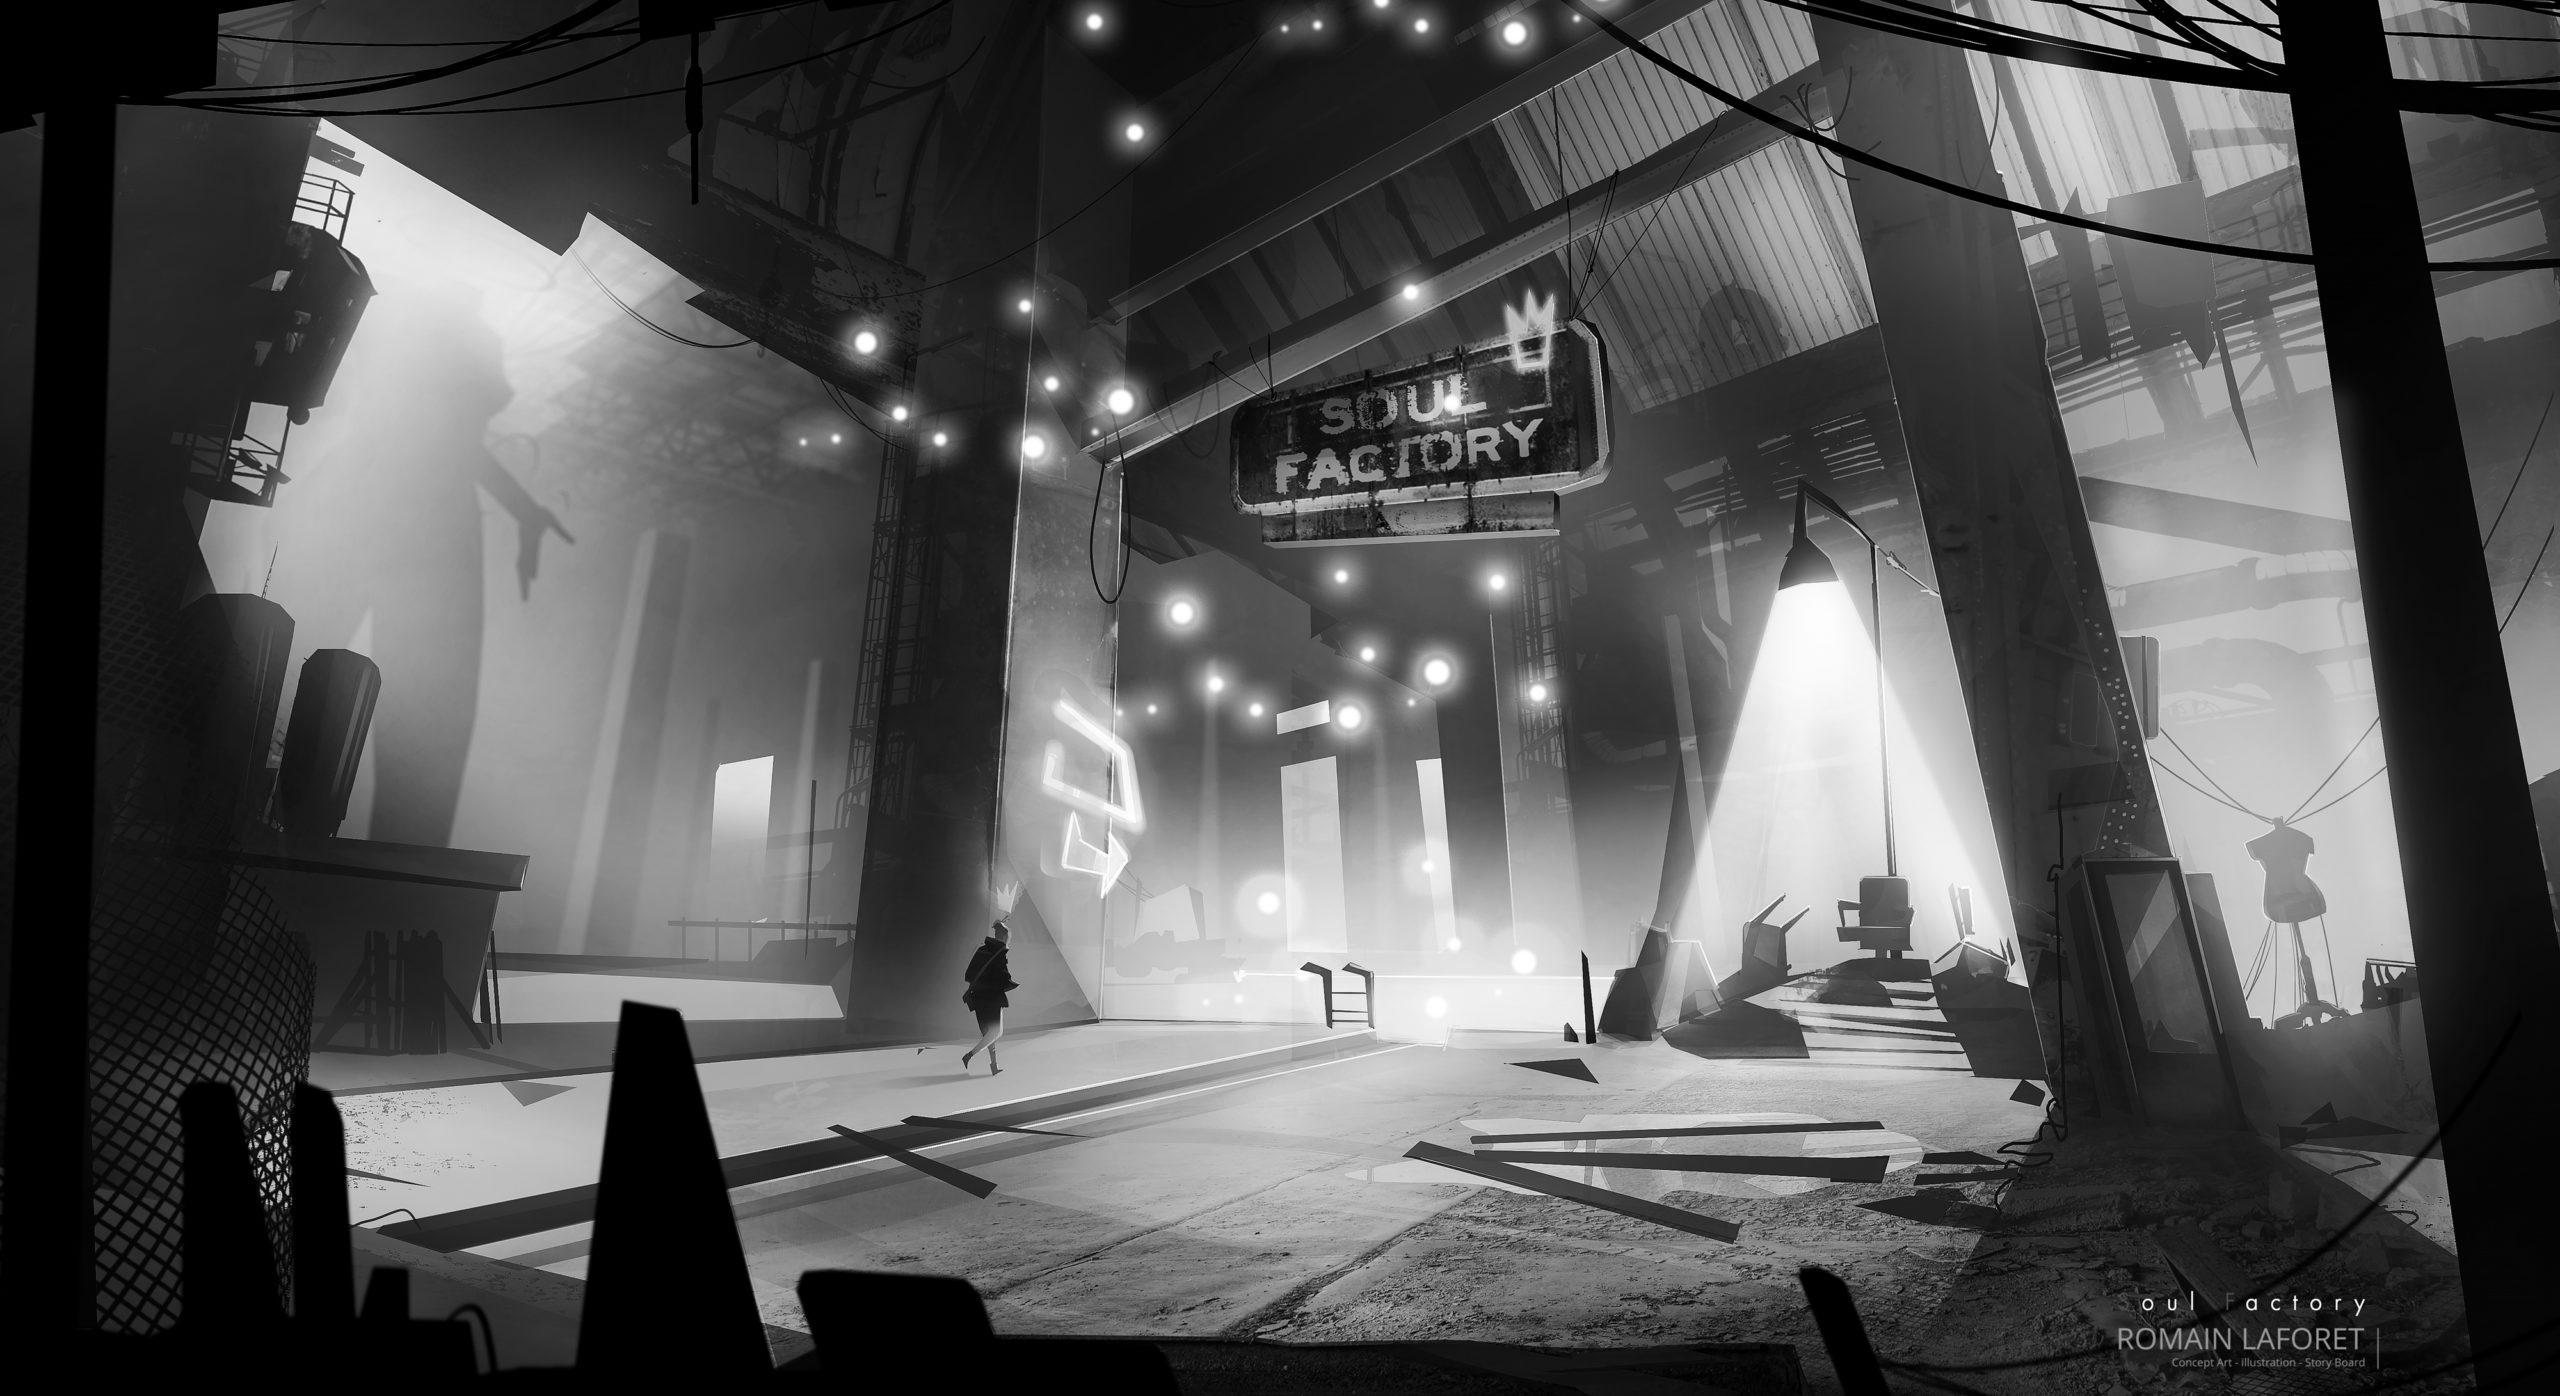 Soul factory romain laforet concept art environment concept noir et blanc